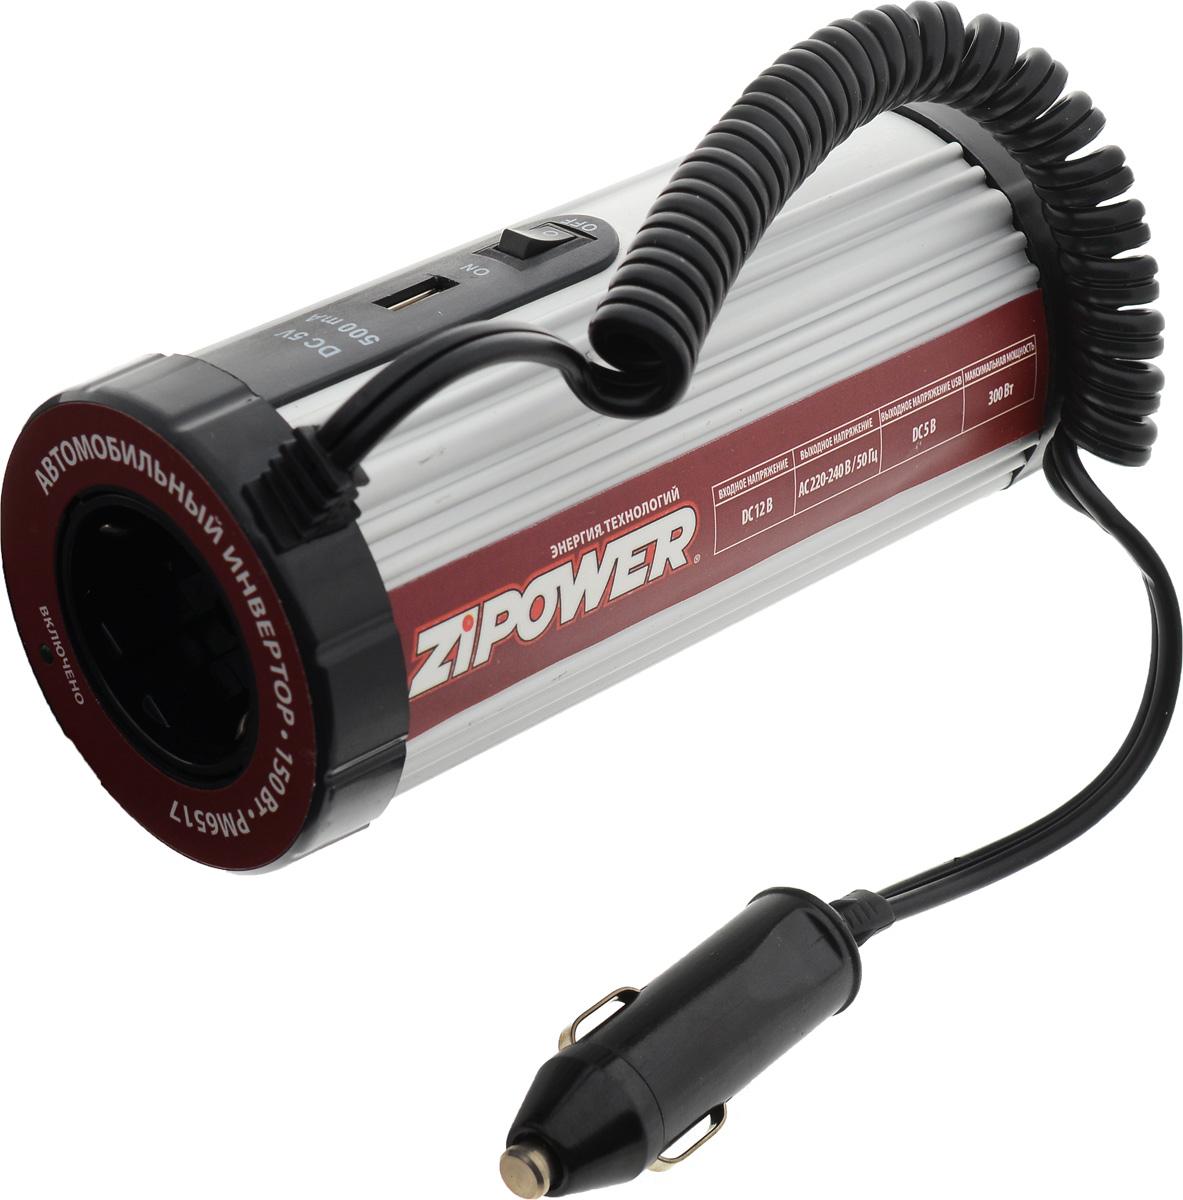 Инвертор автомобильный Zipower, 150 В9102800004Преобразователь напряжения Zipower с USB-портом используется для трансформации постоянного напряжения гнезда прикуривателя 12В в переменное напряжение 220В для возможности подсоединения разнообразных электроприборов, таких как ноутбук, коммуникатор, мини-телевизор и других устройств. Помимо стандартной розетки напряжением 220 В, конструкция модели предусматривает USB-разъем для подключения различных электронных устройств. Ударопрочный корпус гарантирует высокую защиту прибора.Входное напряжение: 12 В.Выходное напряжение: 220–230В/50 Гц.Выходное напряжение USB: 5 В/500 мАНоминальная выходная мощность: 150 Вт.Максимальная мощность: 300 Вт